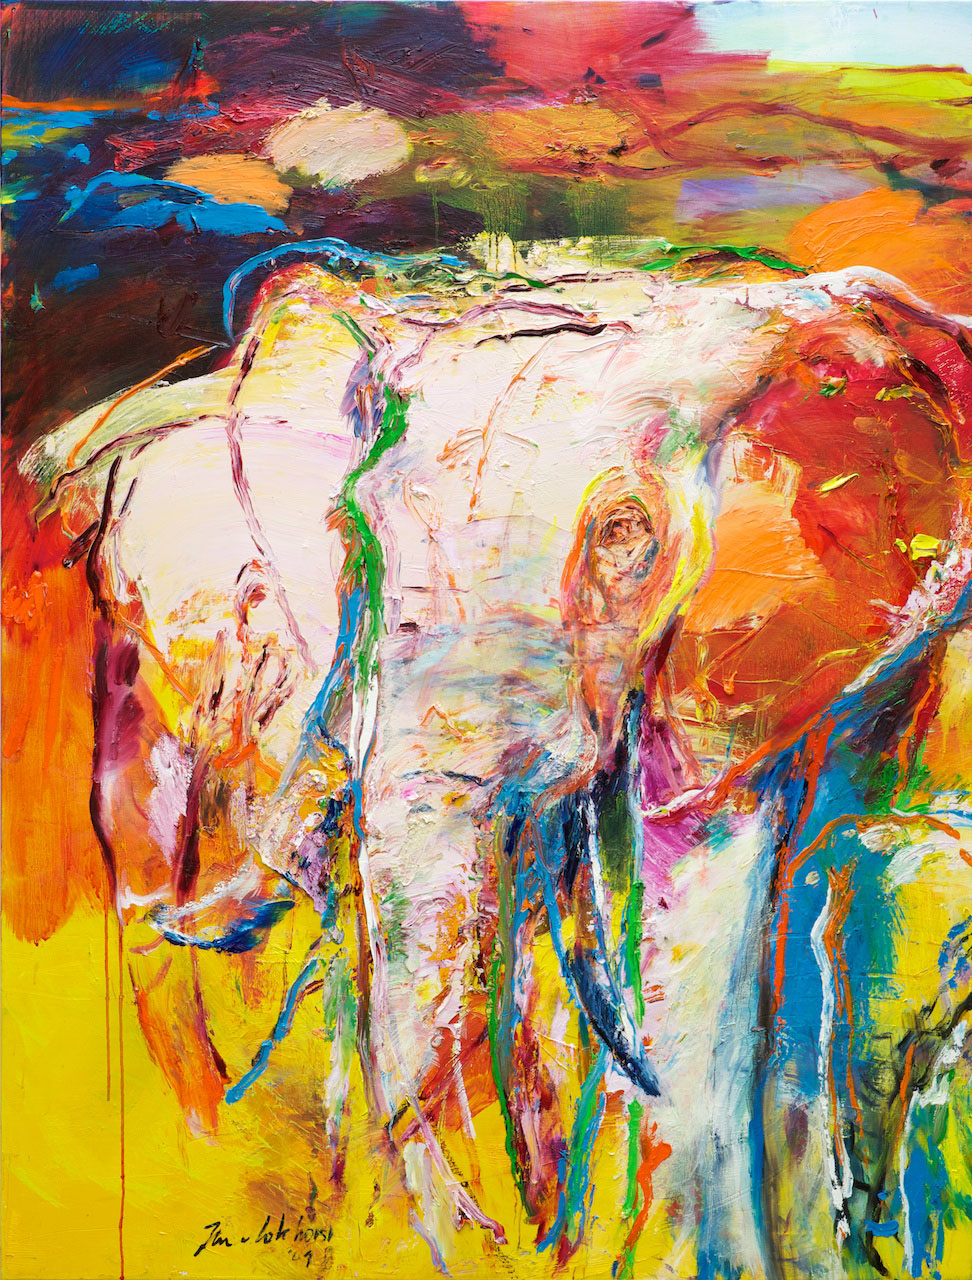 Olifanten 11 Jan van Lokhorst